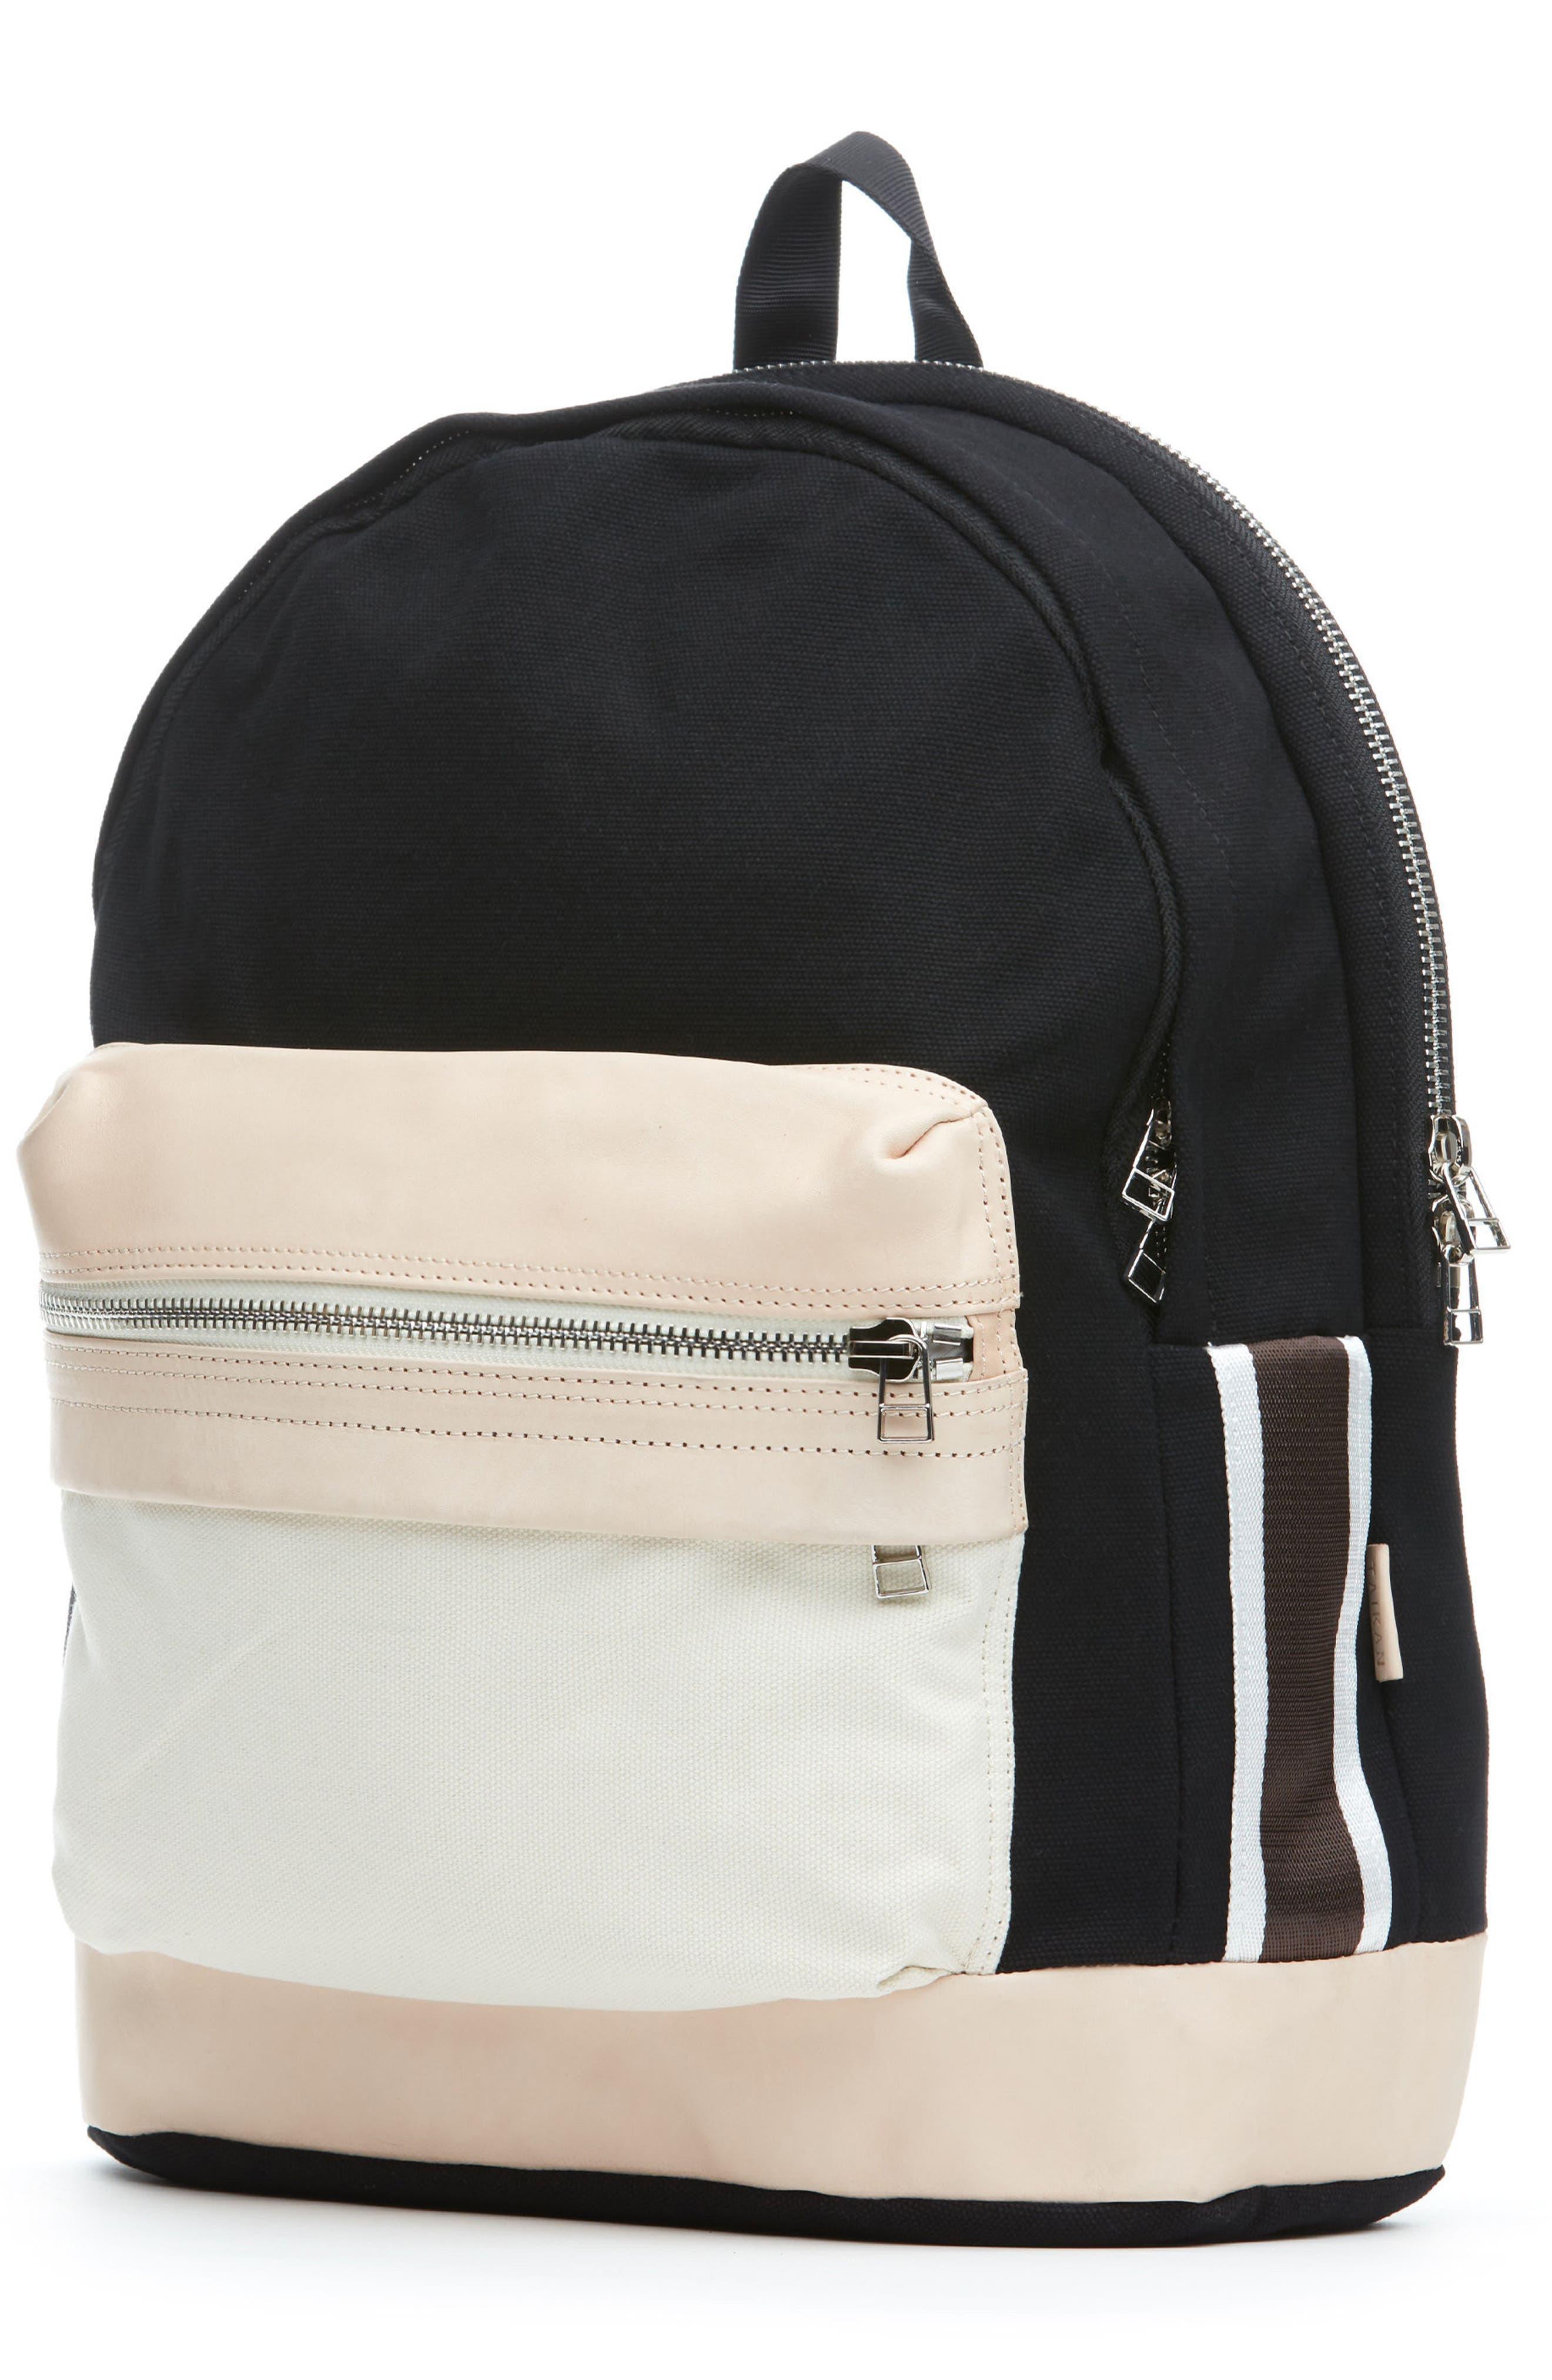 Lancer Backpack,                             Alternate thumbnail 4, color,                             010